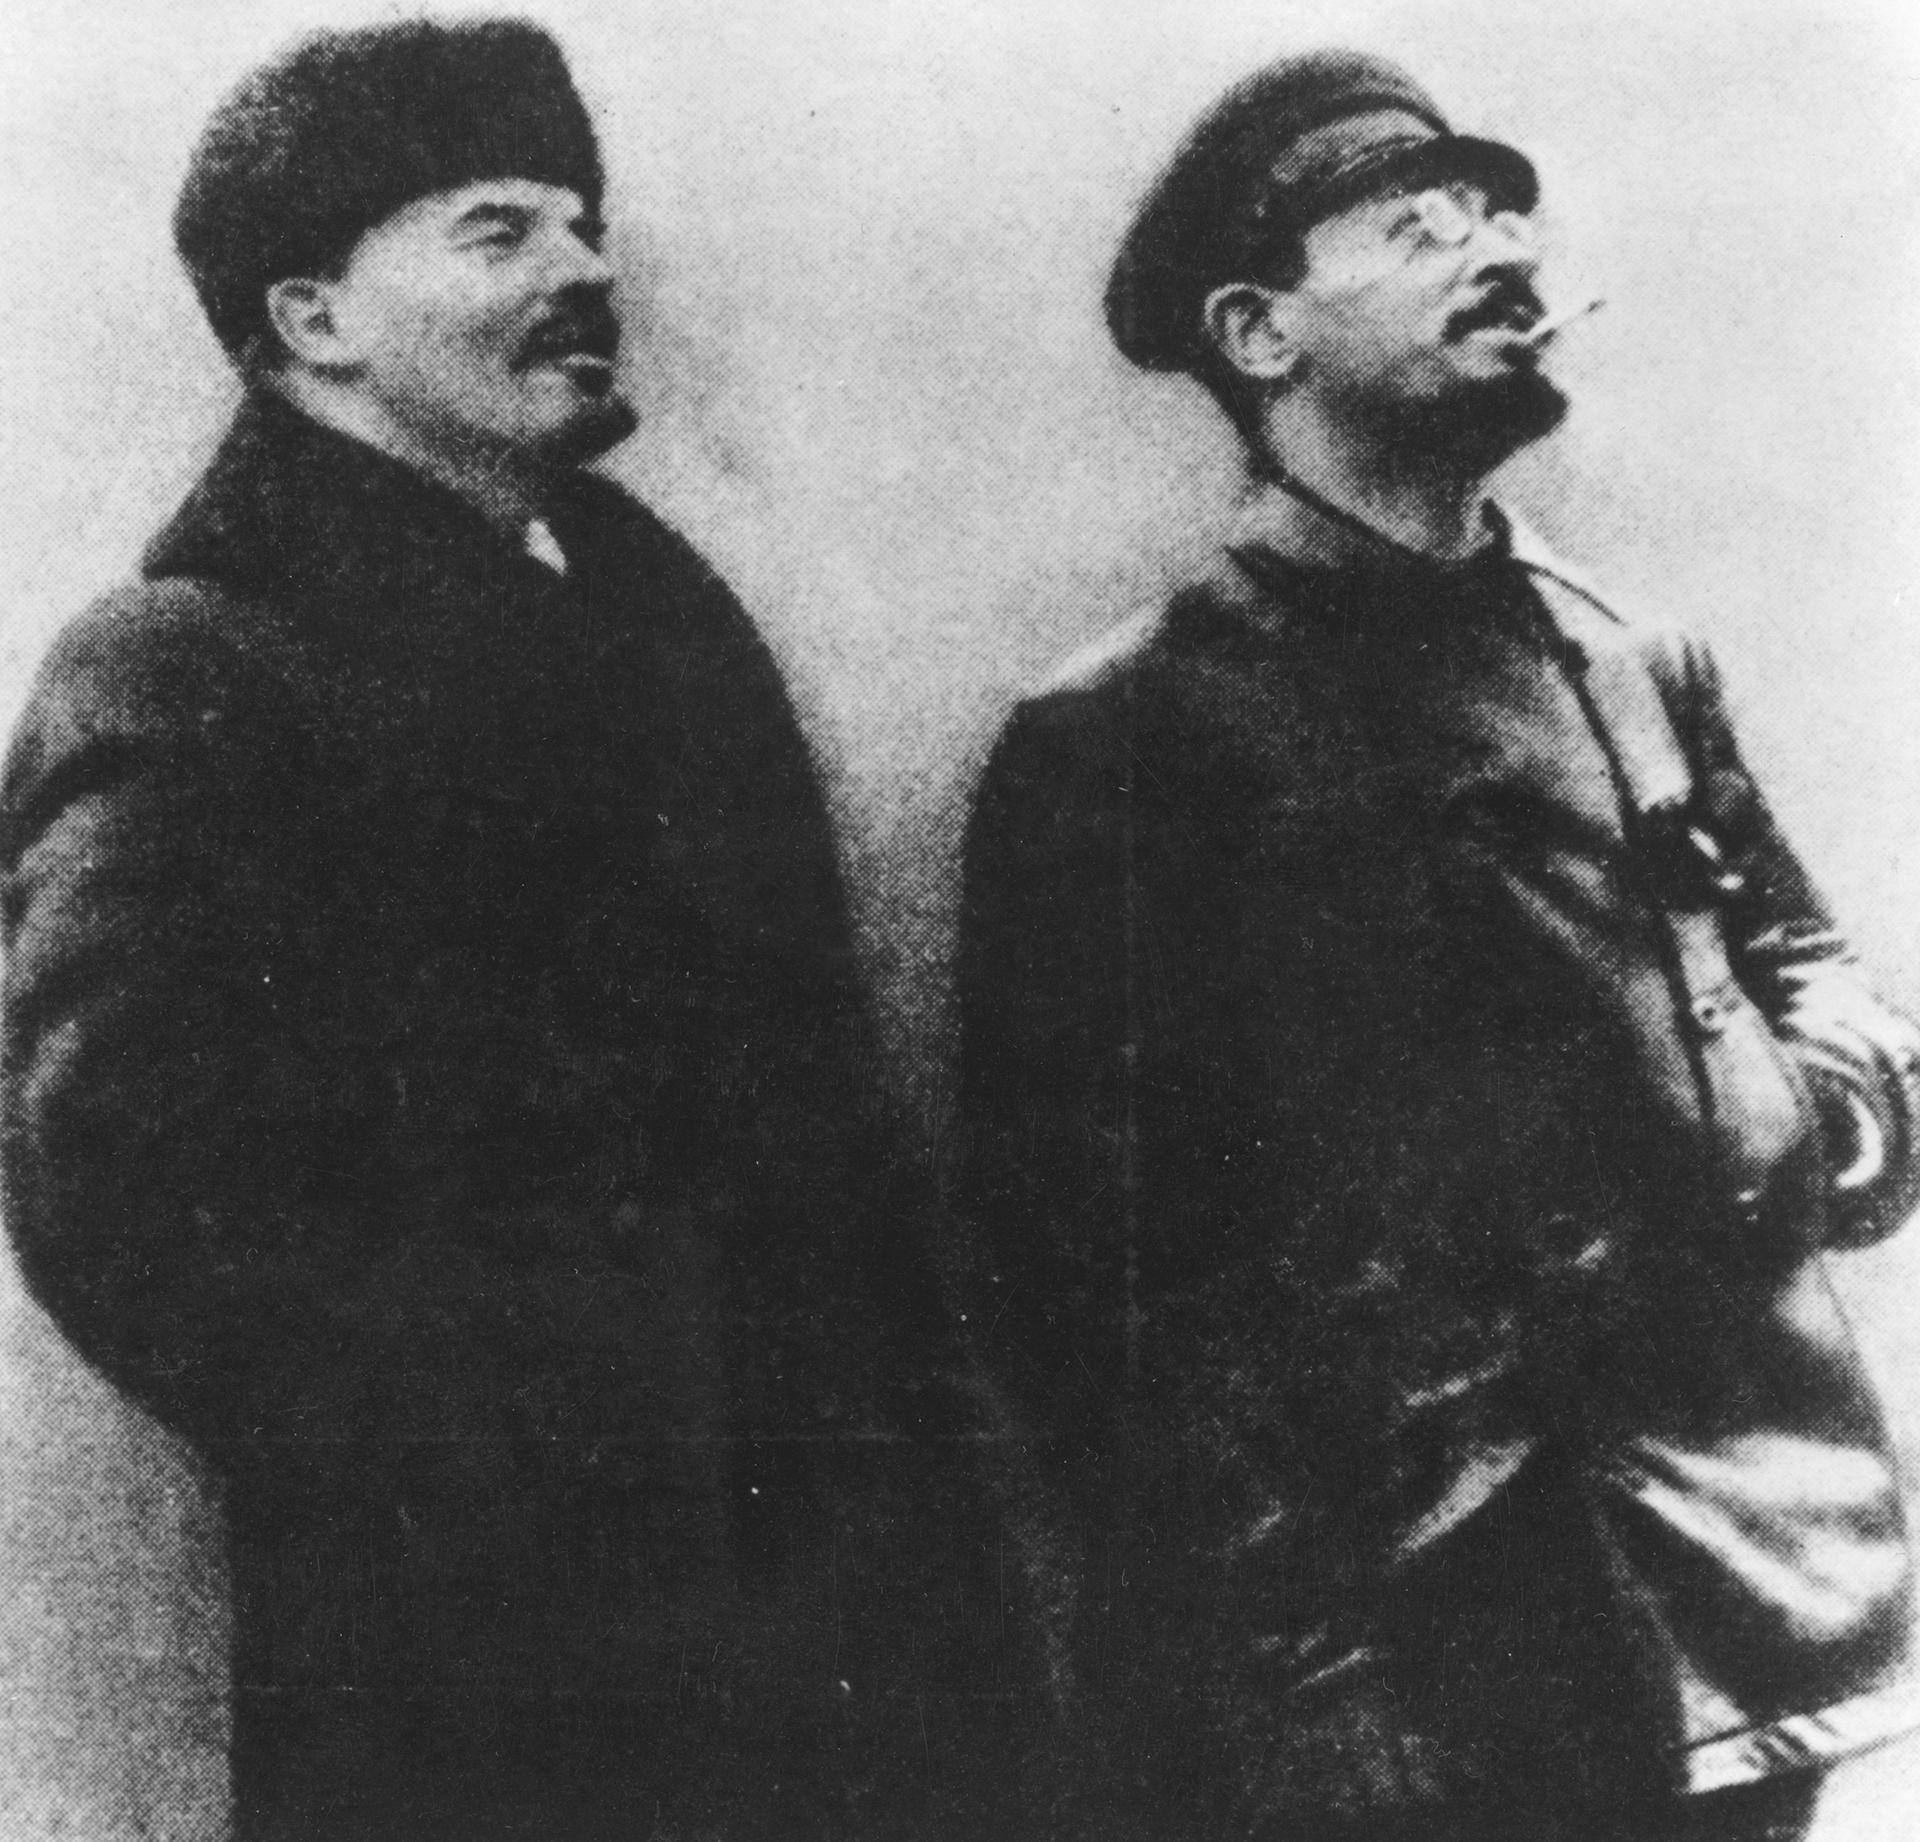 Lenin y Trotsky, figuras clave de la Revolución Rusa de 1917 (Photo by Keystone/Getty Images)